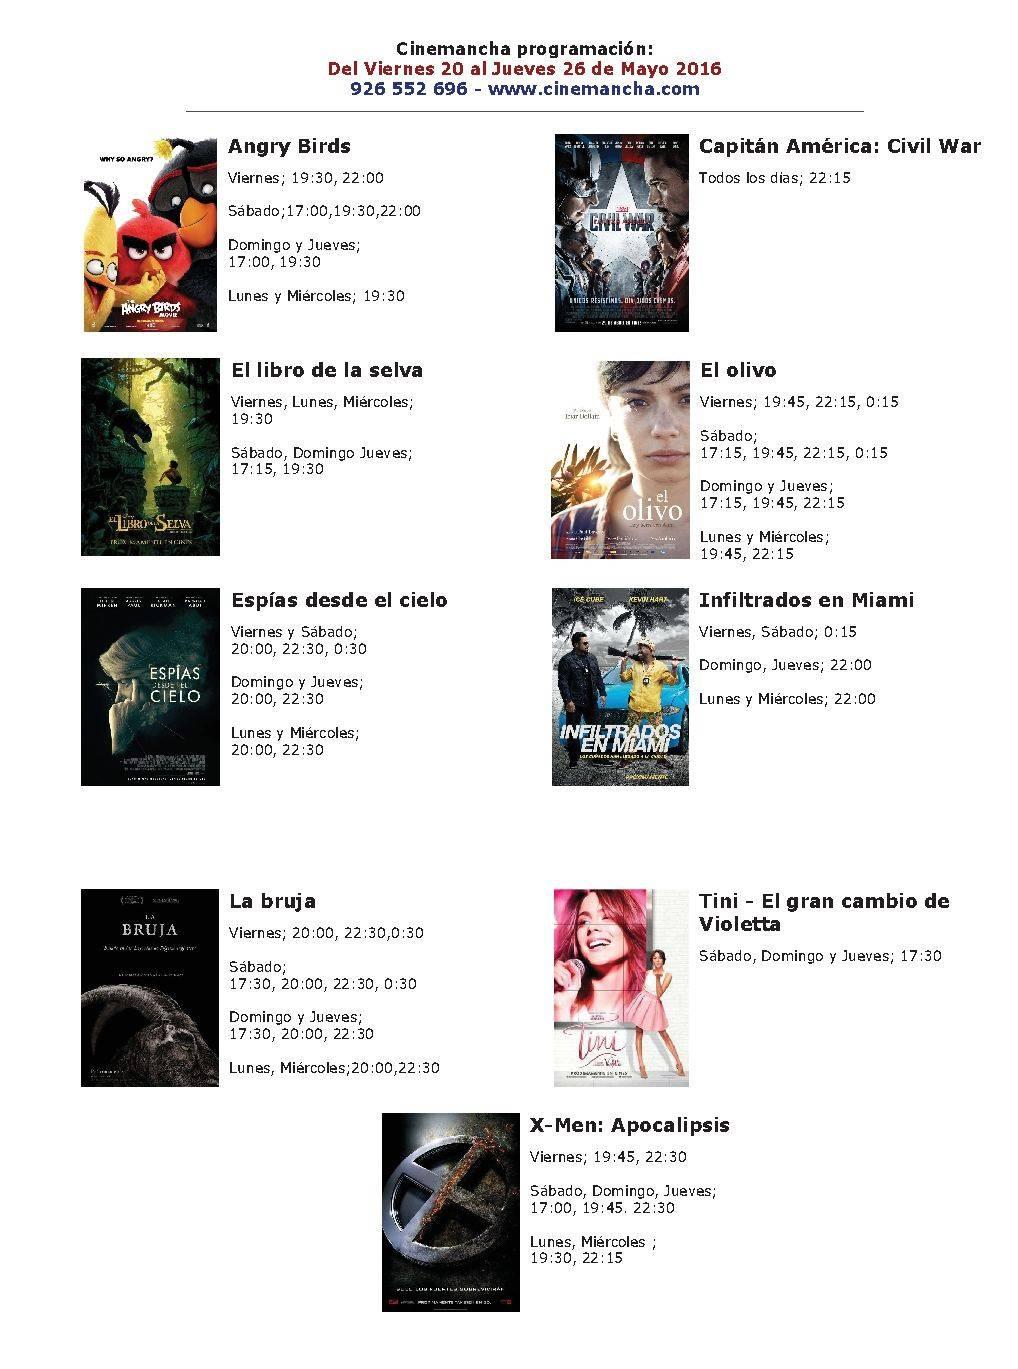 cartelera de cinemancha del 20 al 26 de mayo - Cartelera Cinemancha del 20 al 26 de mayo